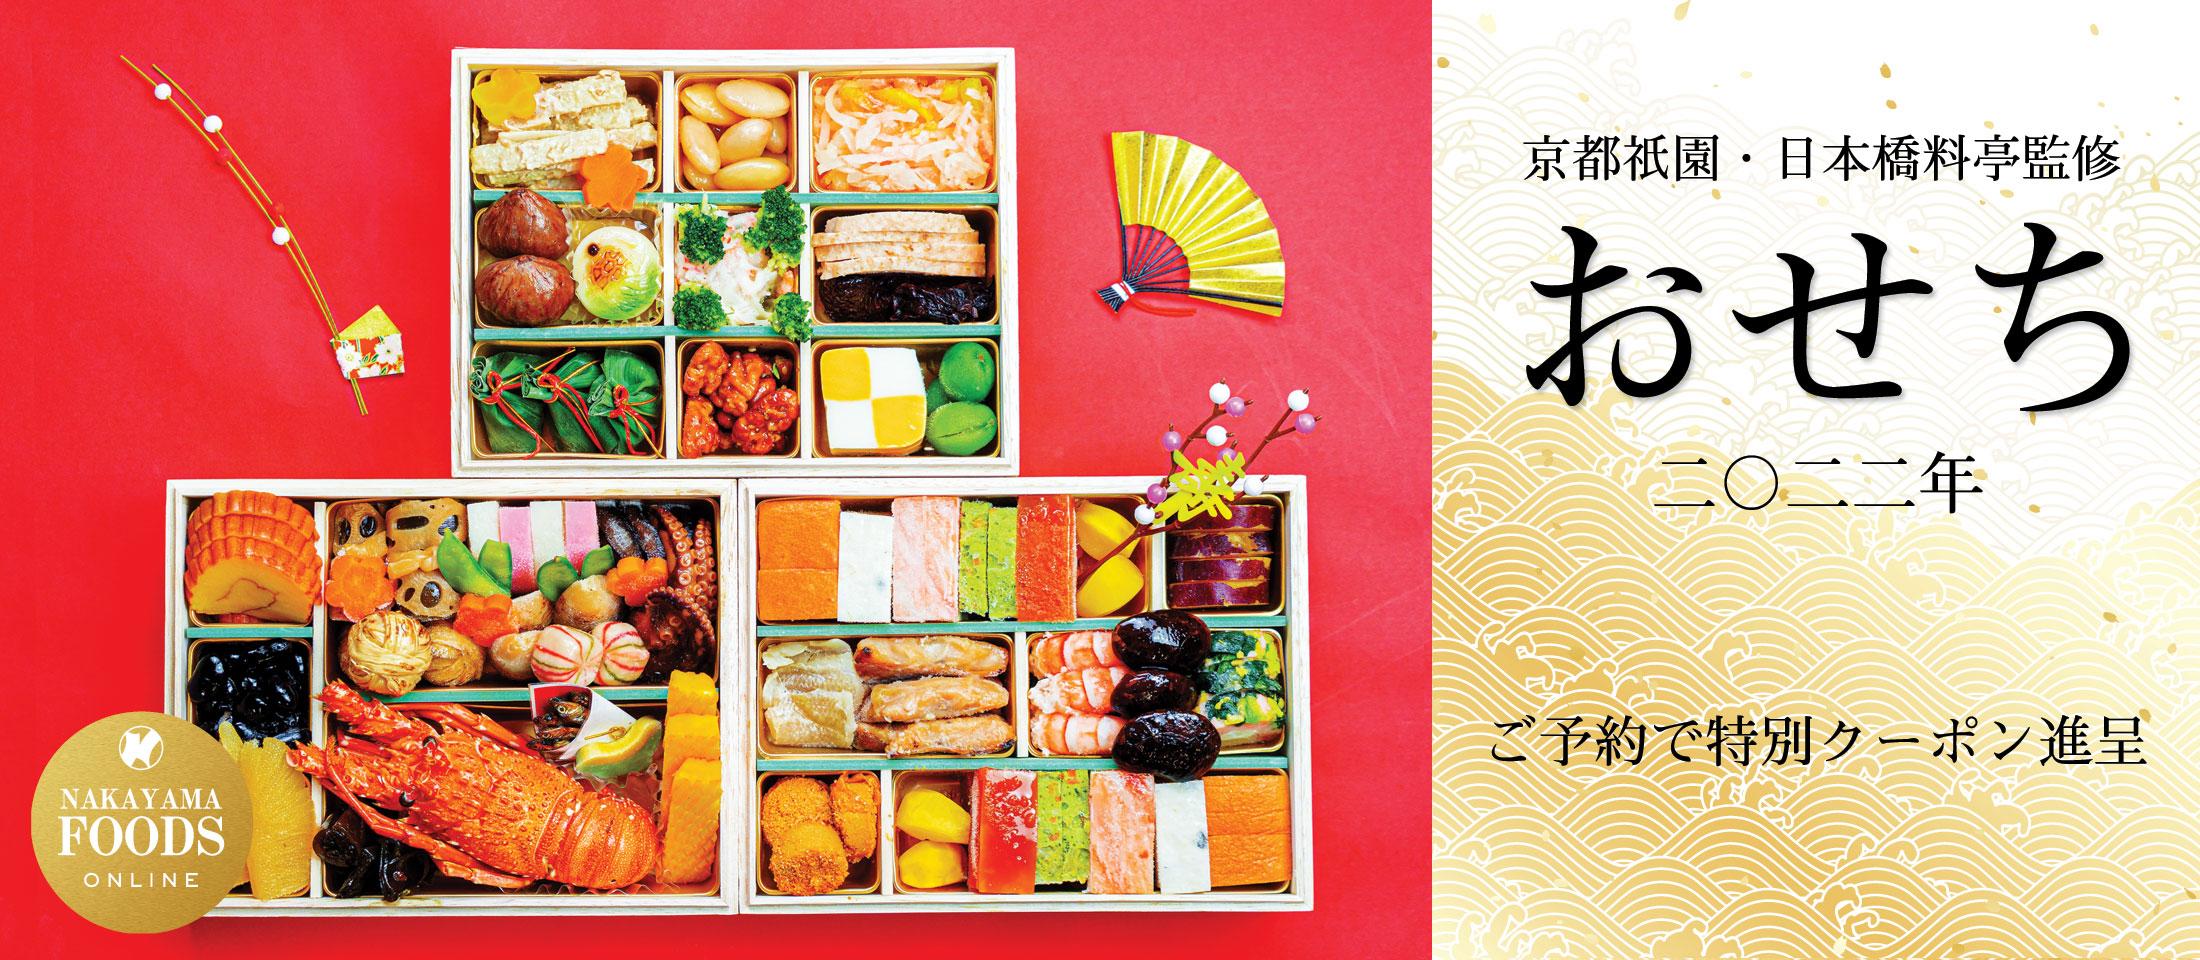 京都・日本橋老舗料亭 おせち 2022年 限定販売 業務用食品・冷凍食品おすすめ 業務用食品・冷凍食品の通販 |ナカヤマフーズ